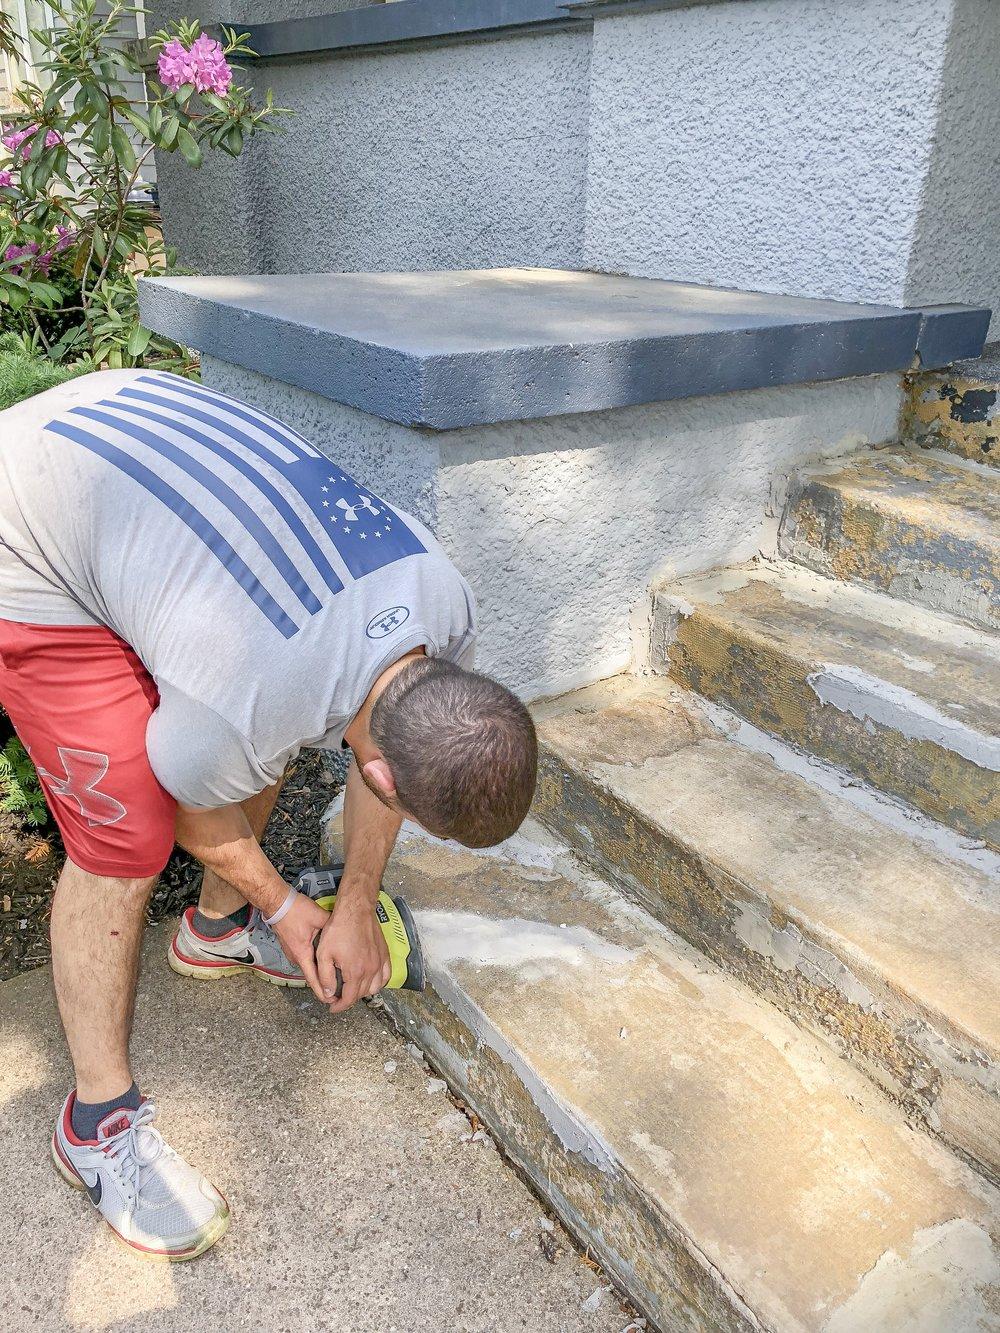 Sanding the steps